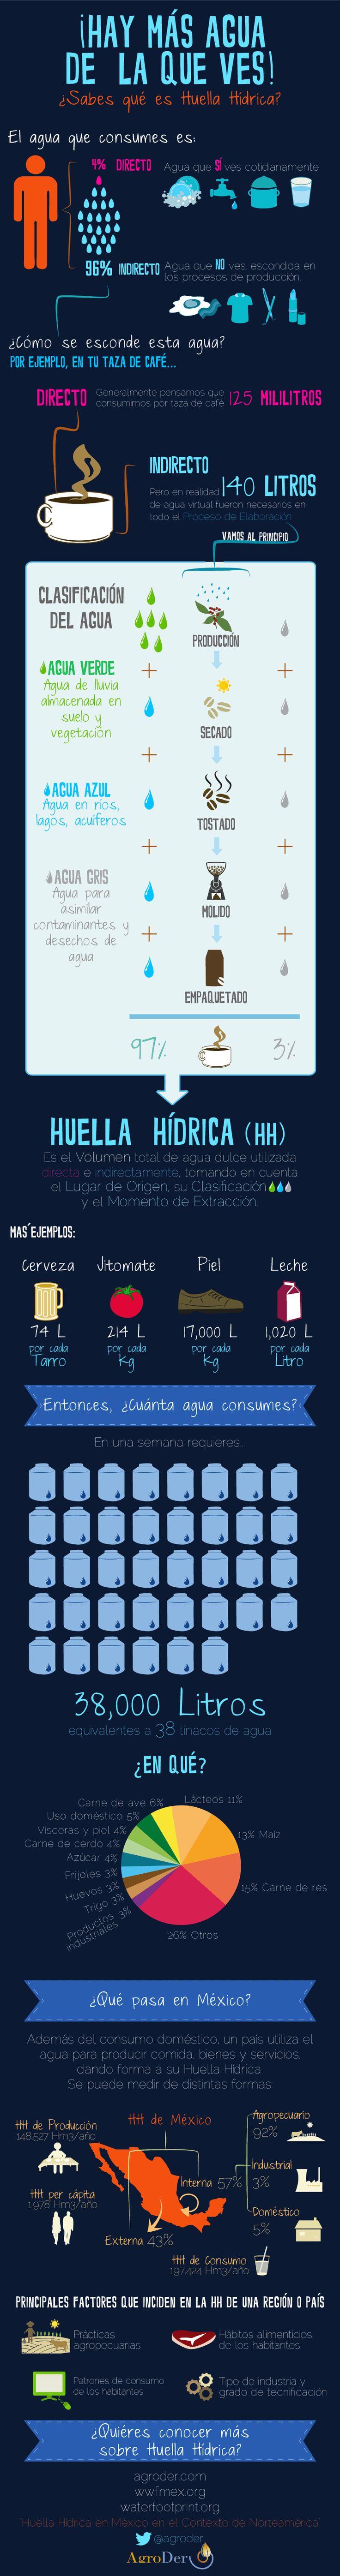 ¡Hay más agua de la que ves! Huella Hídrica #Agua #HuellaHidrica #HH #Consumo #Infografia